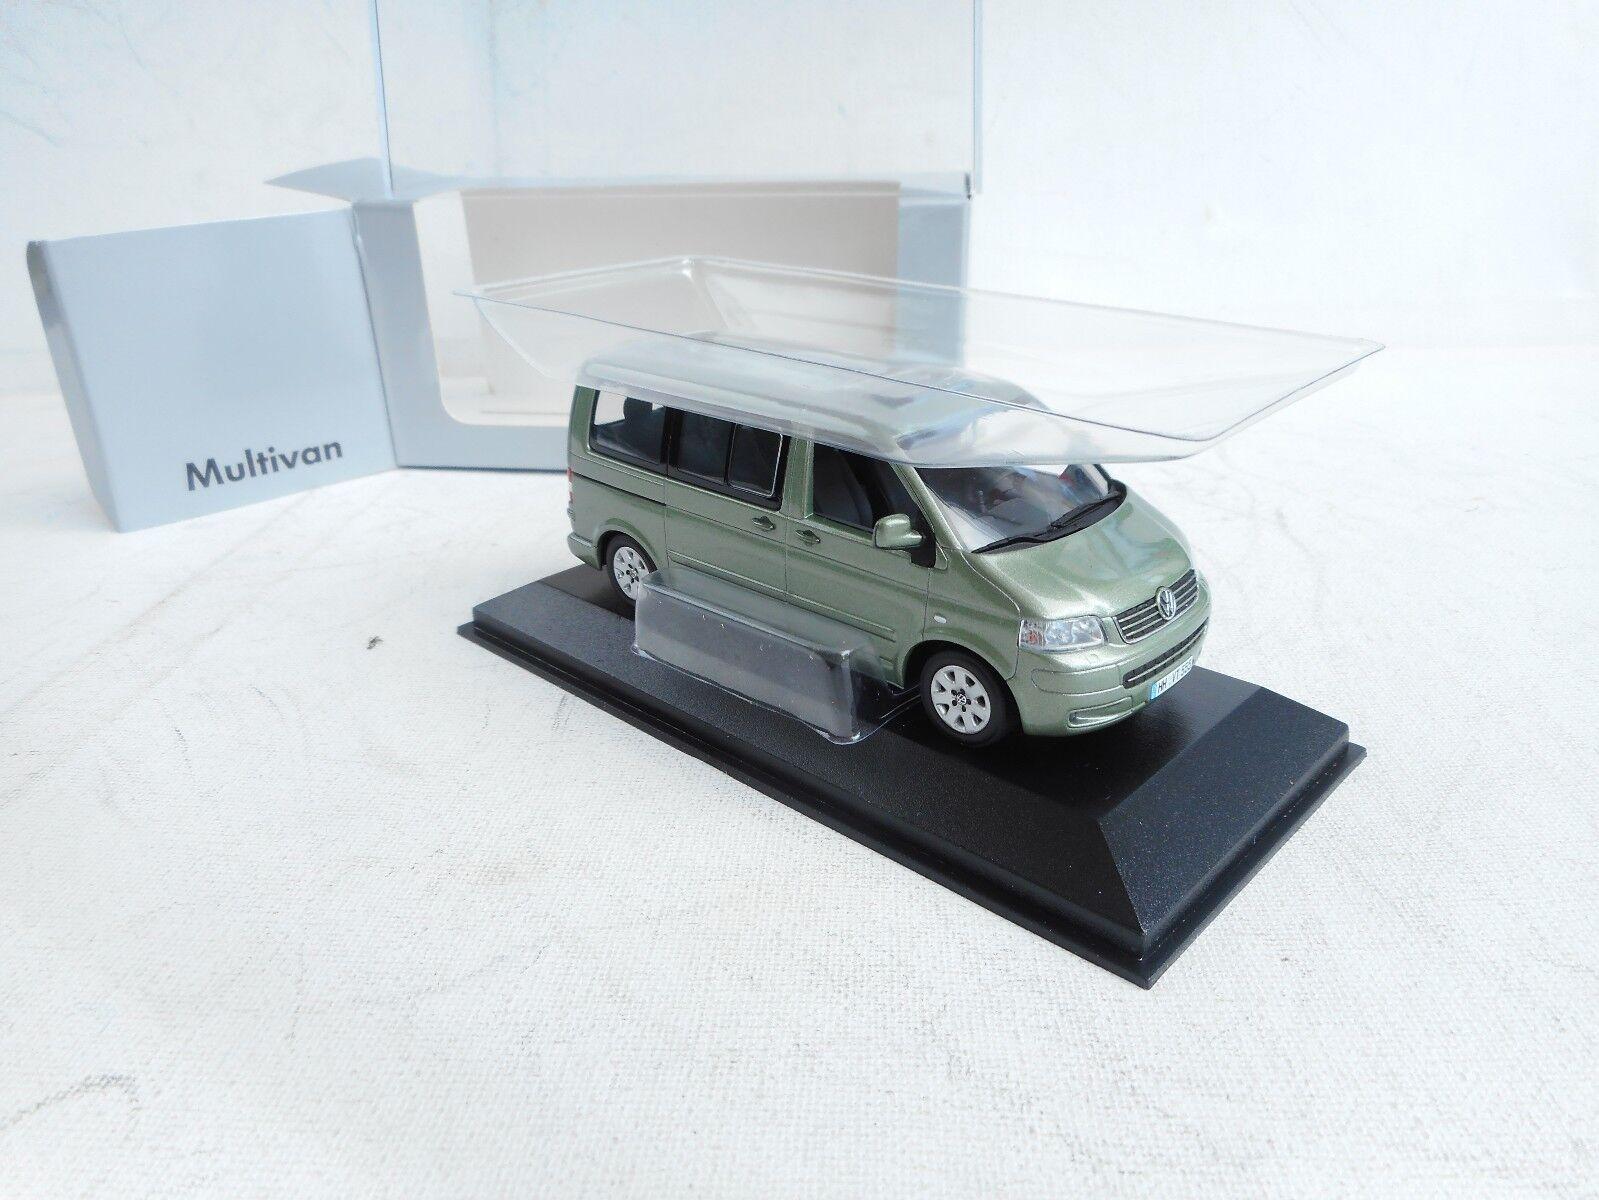 VW Transporter T5 MULTIVAN green métallisé 1 43 VOLKSWAGEN VOLKSWAGEN VOLKSWAGEN NEW OVP dc5d68